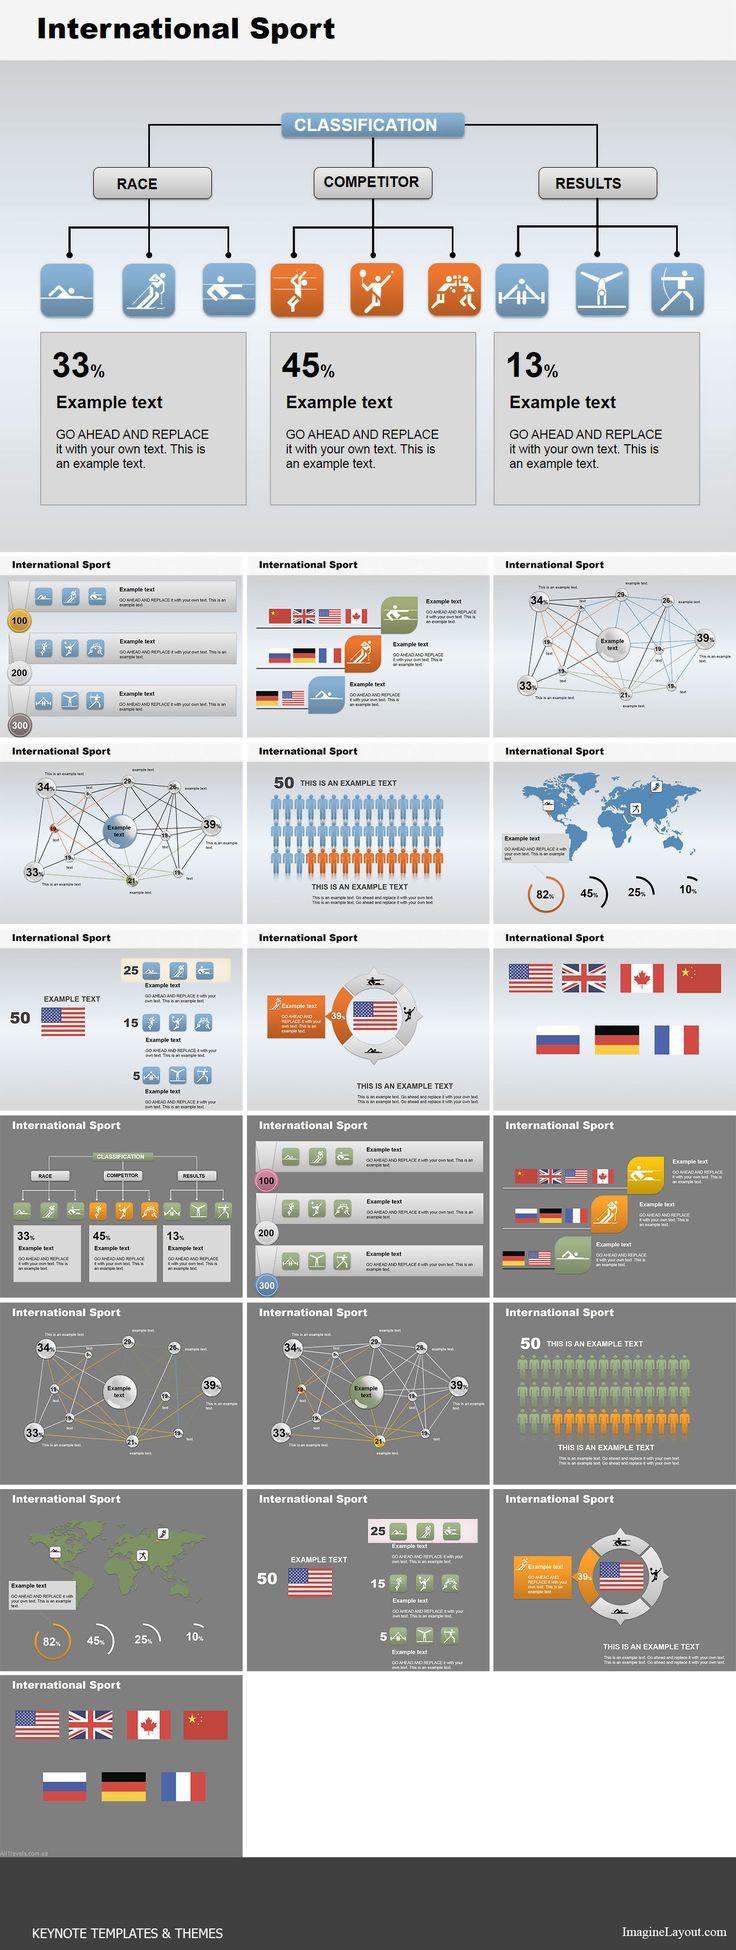 171 besten Keynote Charts Bilder auf Pinterest | Keynote, Vorlagen ...